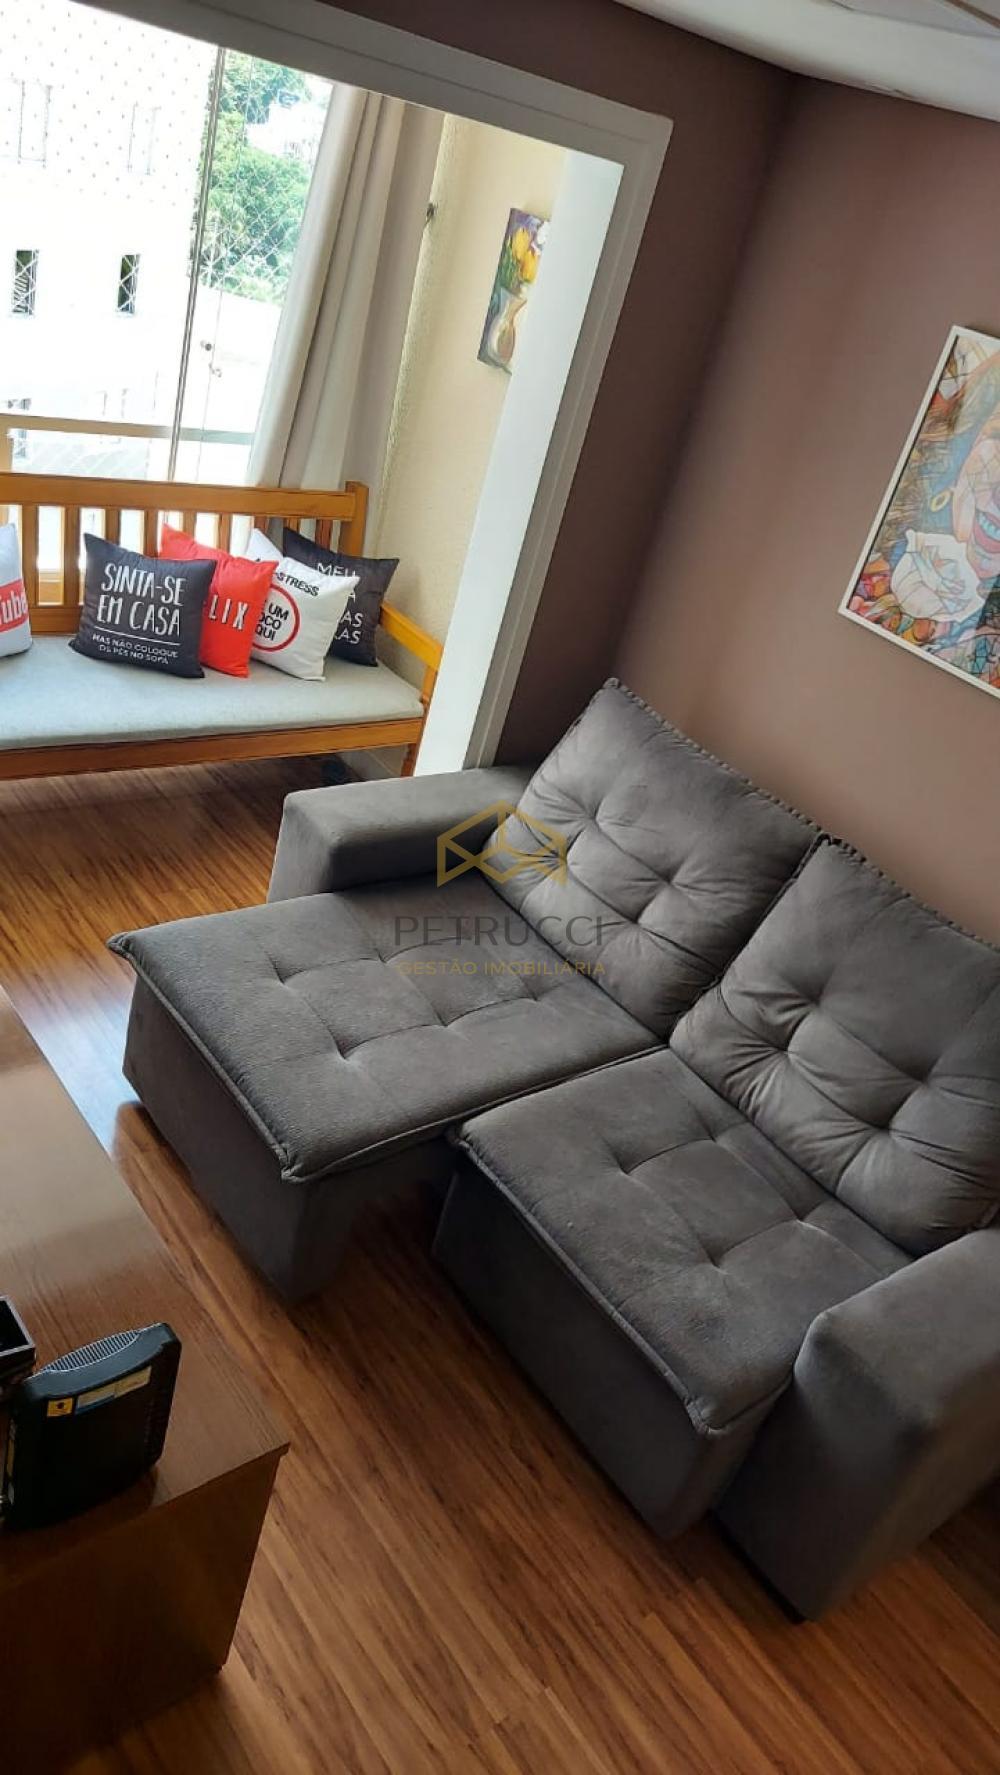 Comprar Apartamento / Padrão em Campinas R$ 420.000,00 - Foto 3